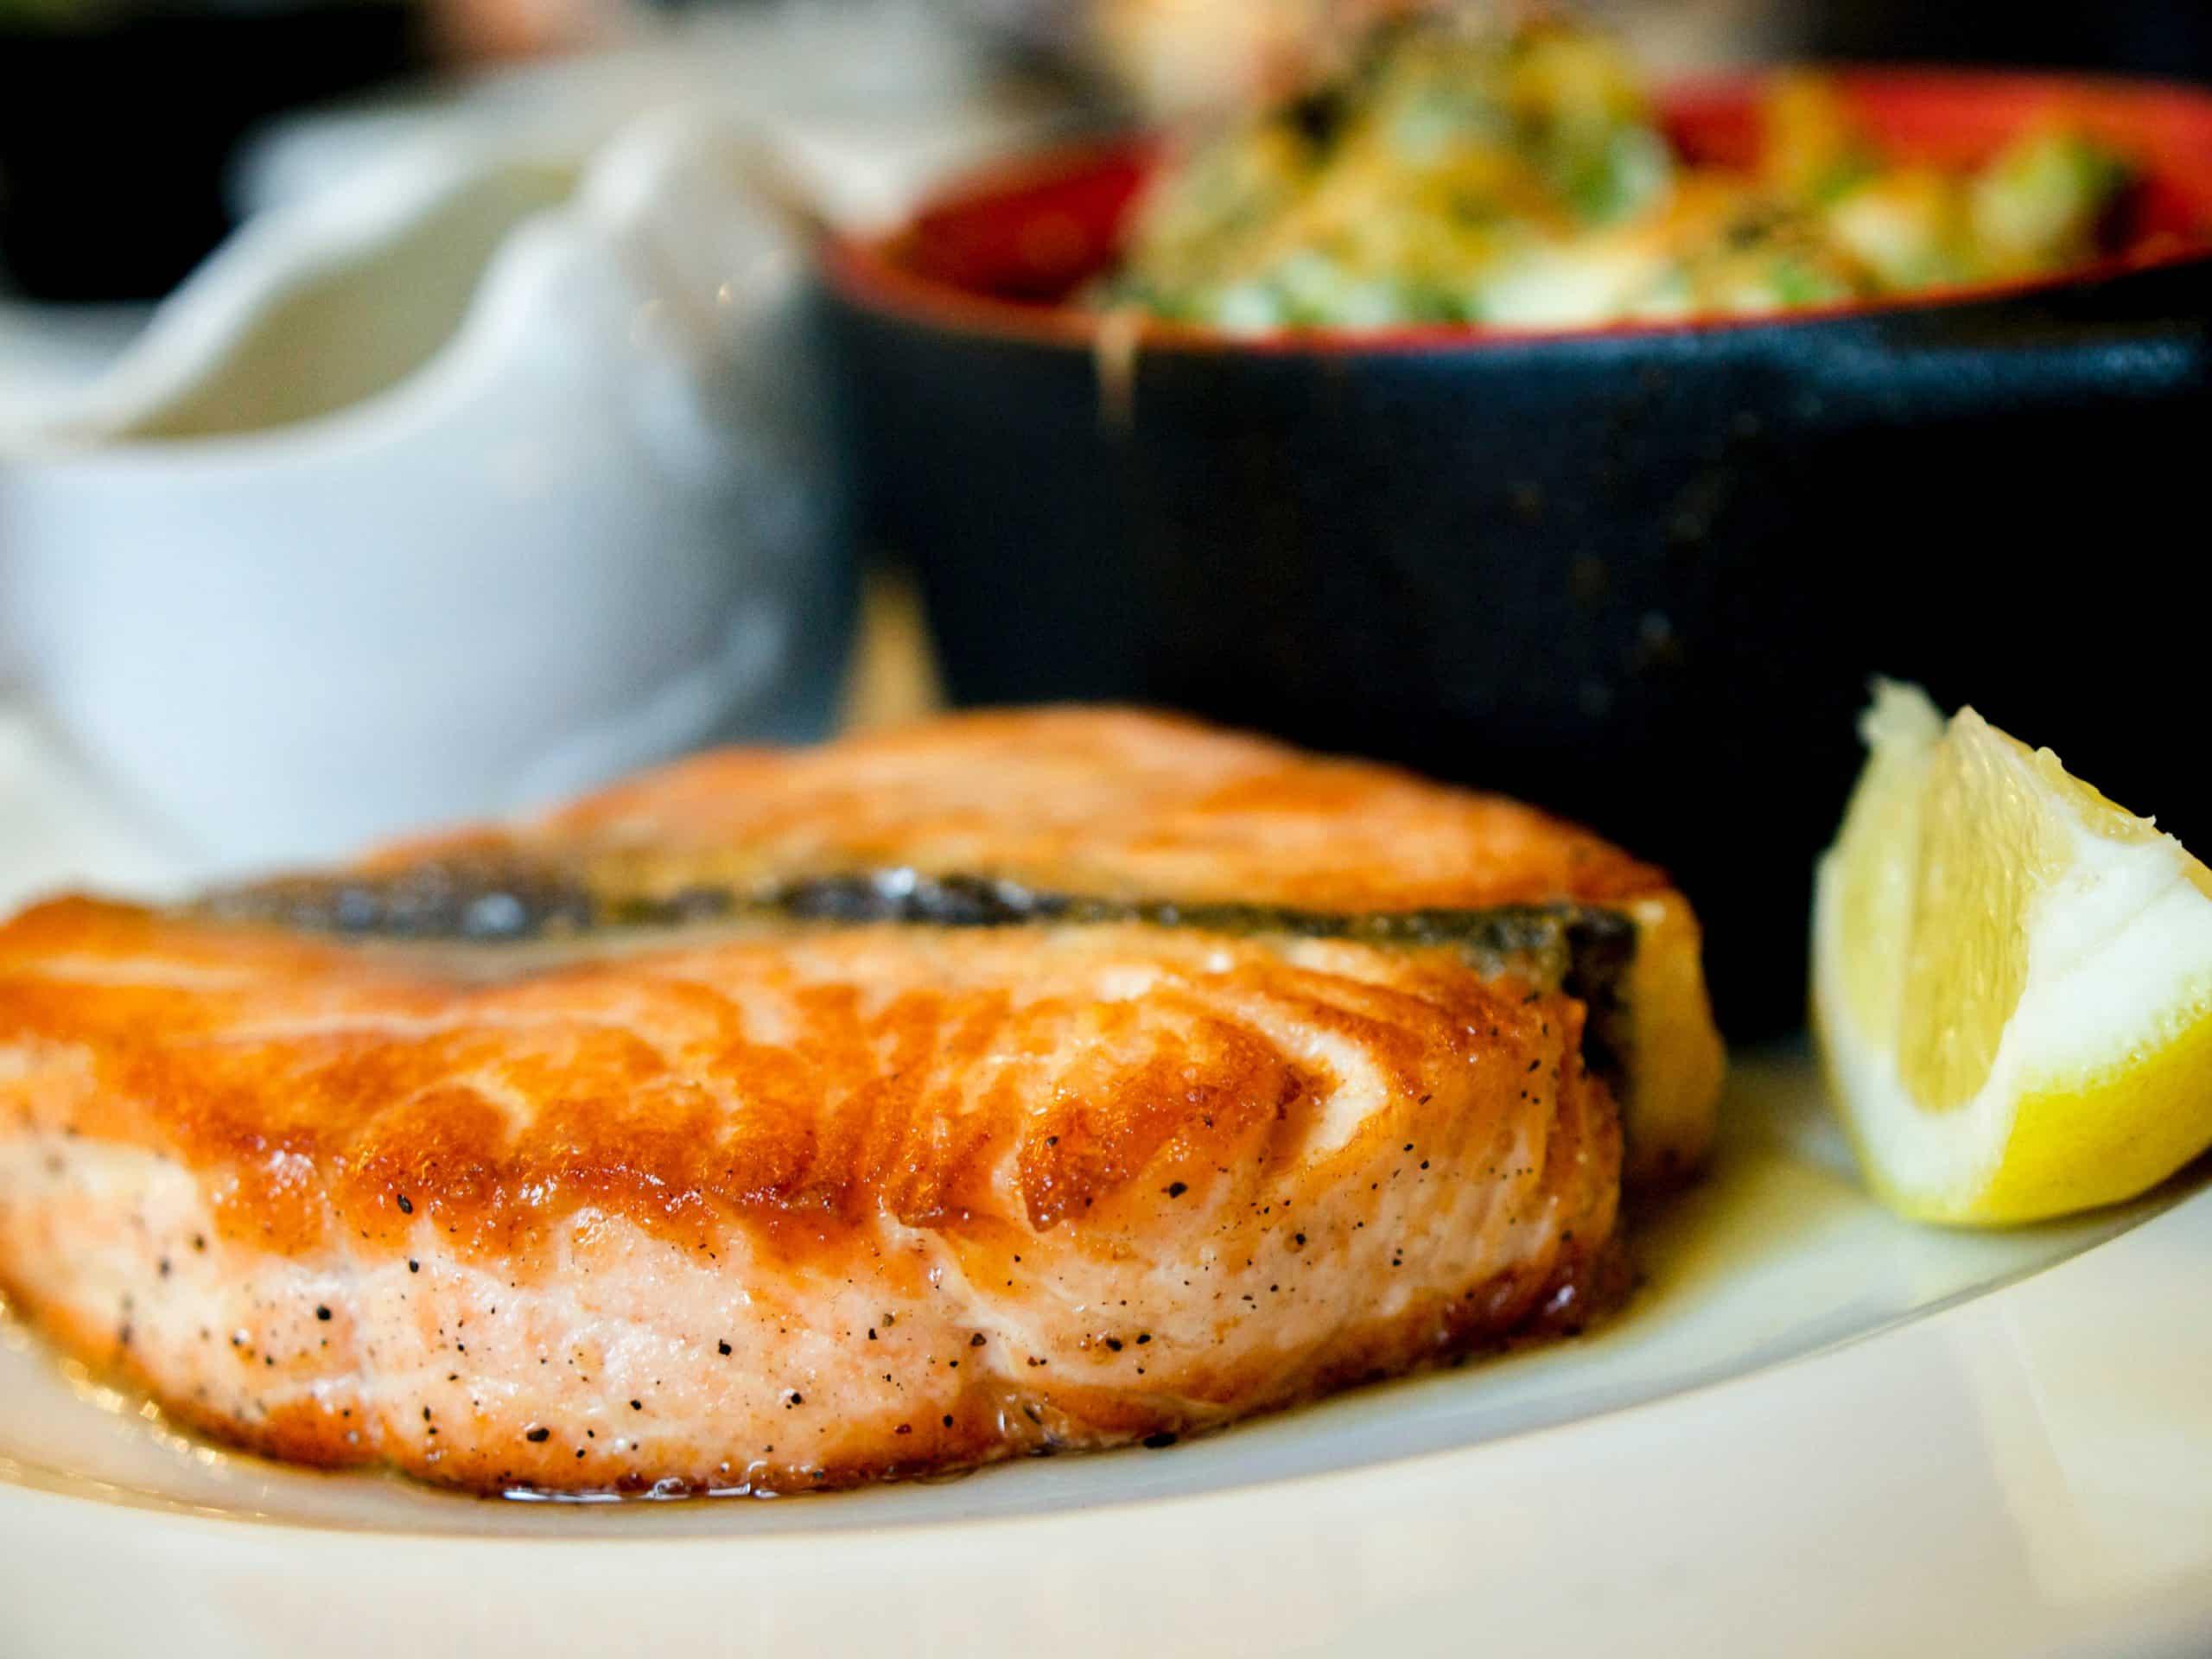 Fotografia de um prato com salmão para ilustração do item